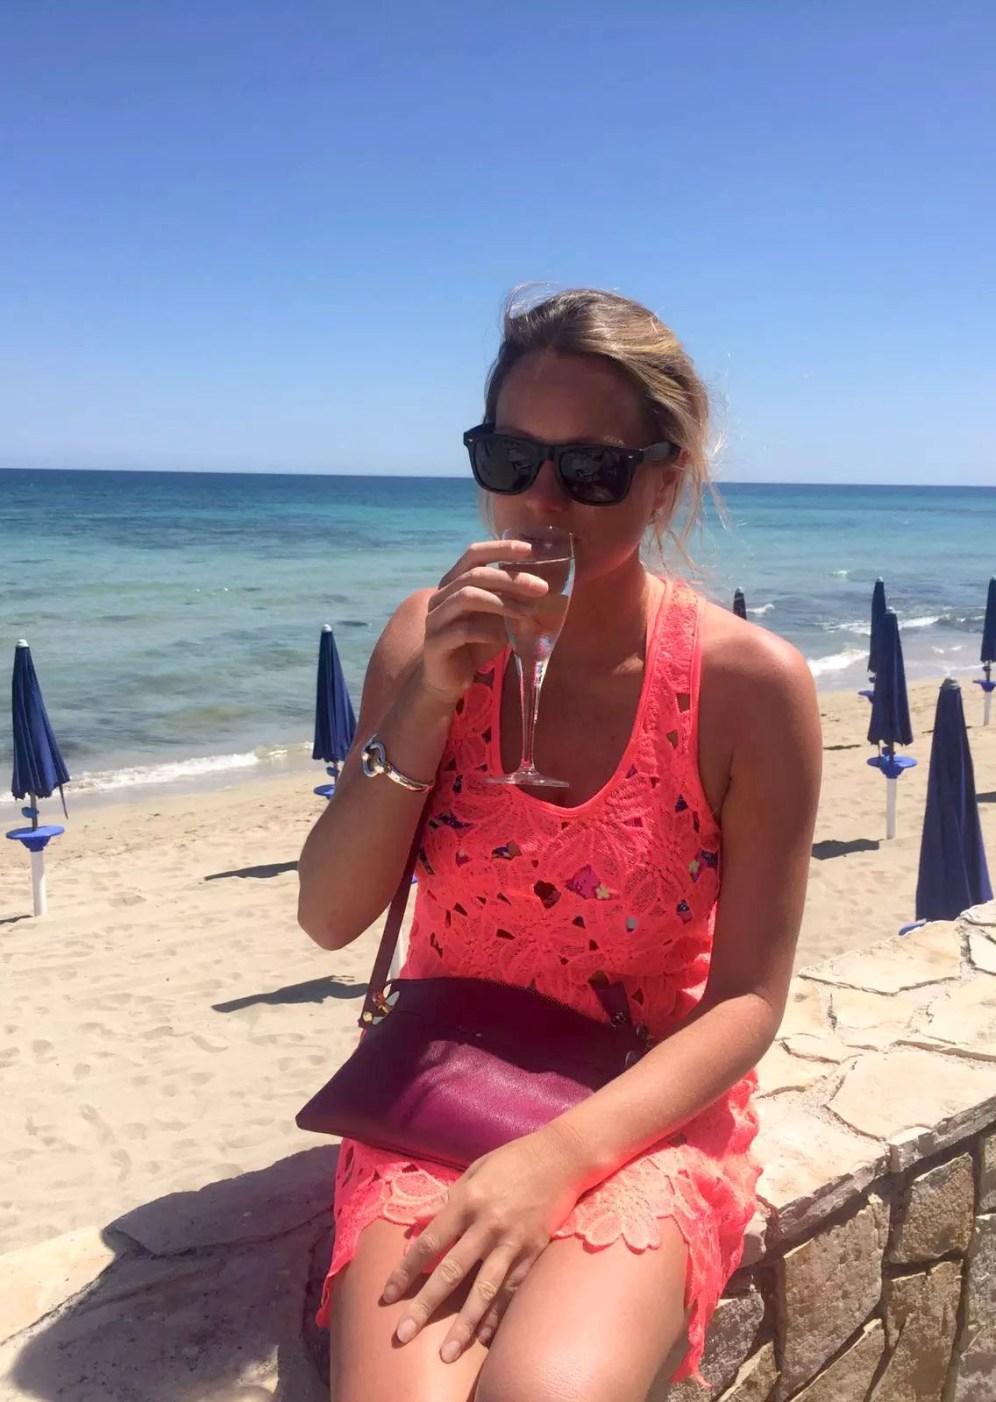 Torre Canne Puglia Italy Beach Sunshine Birthday Prosecco Sun Sand Sea Bubbles Princess